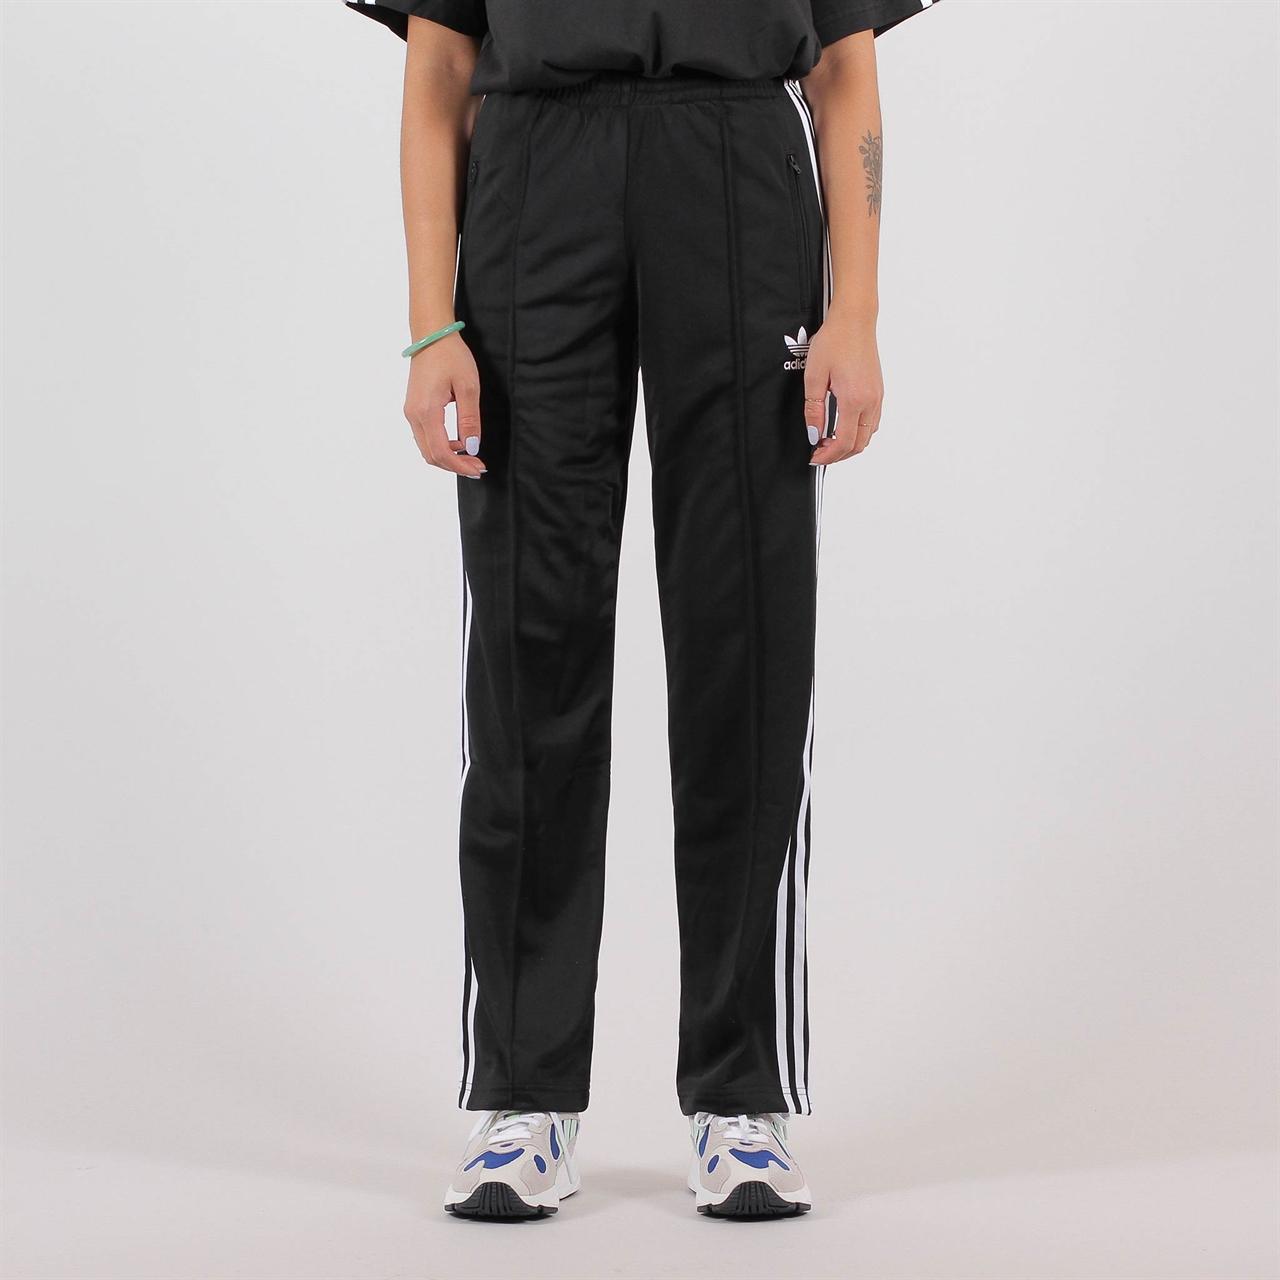 Shelta Adidas Originals Womens Firebird Trackpant Black (ED7508)